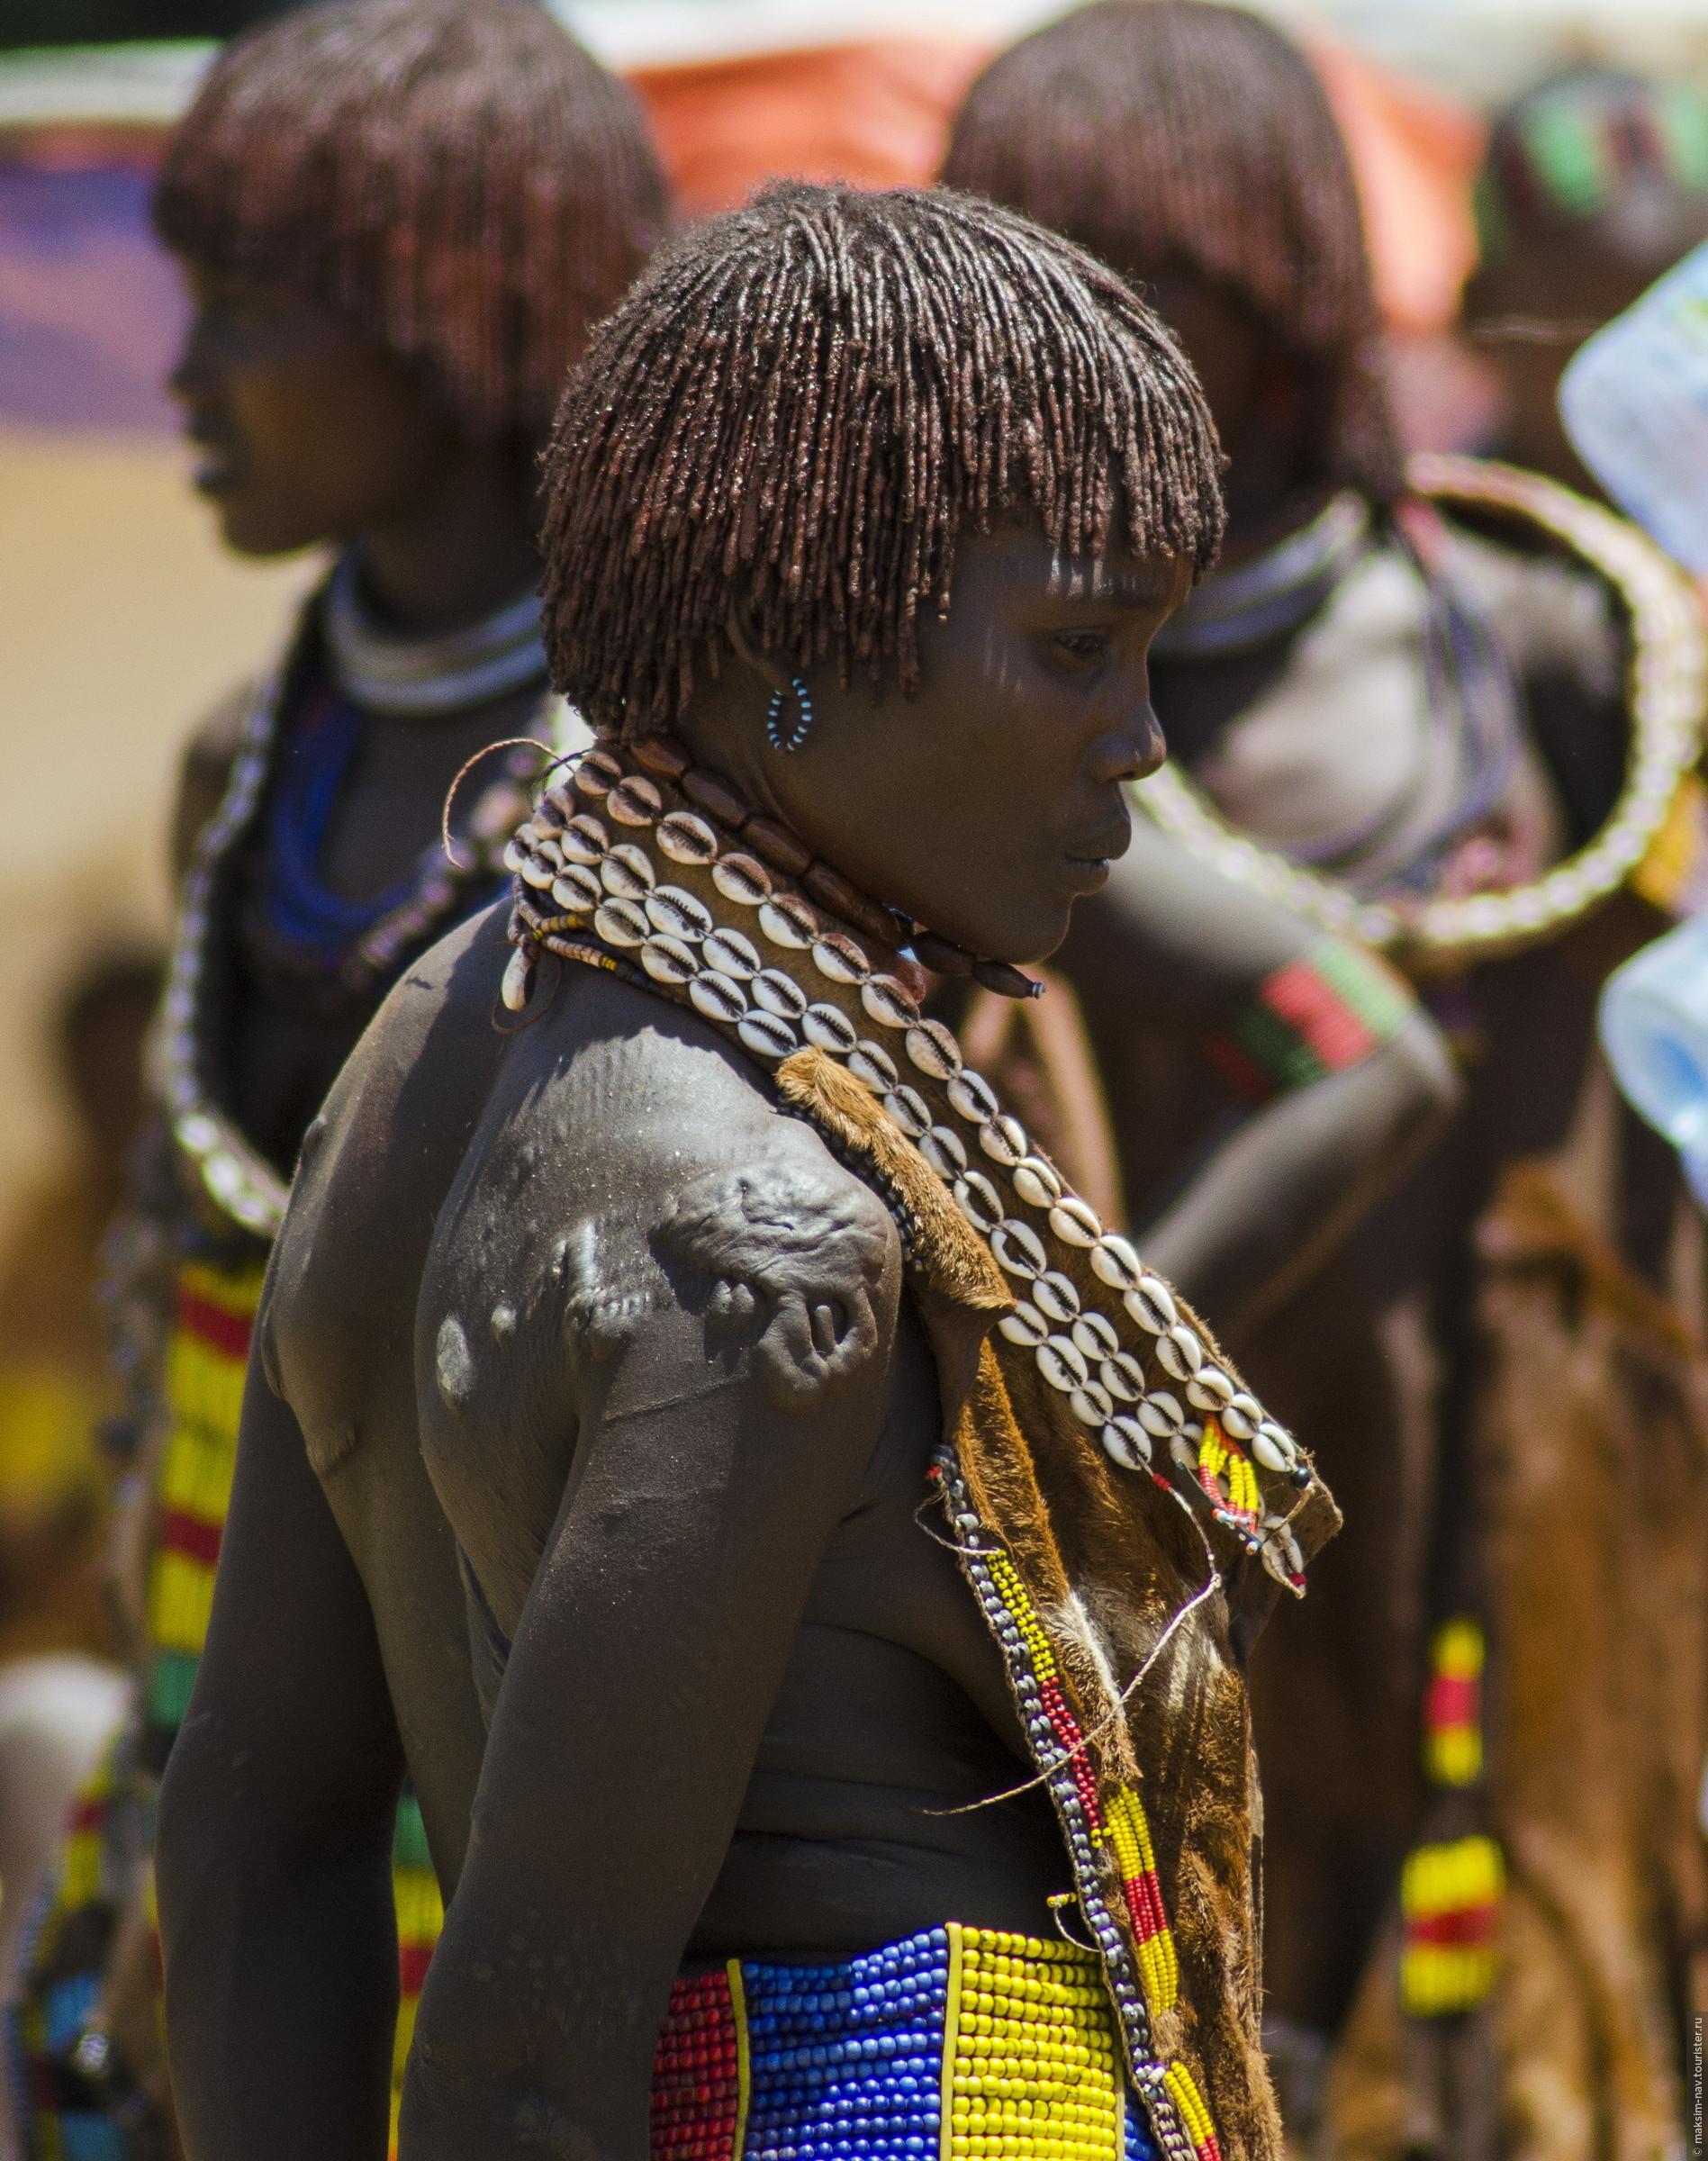 племя хамер эфиопия фото фотограф